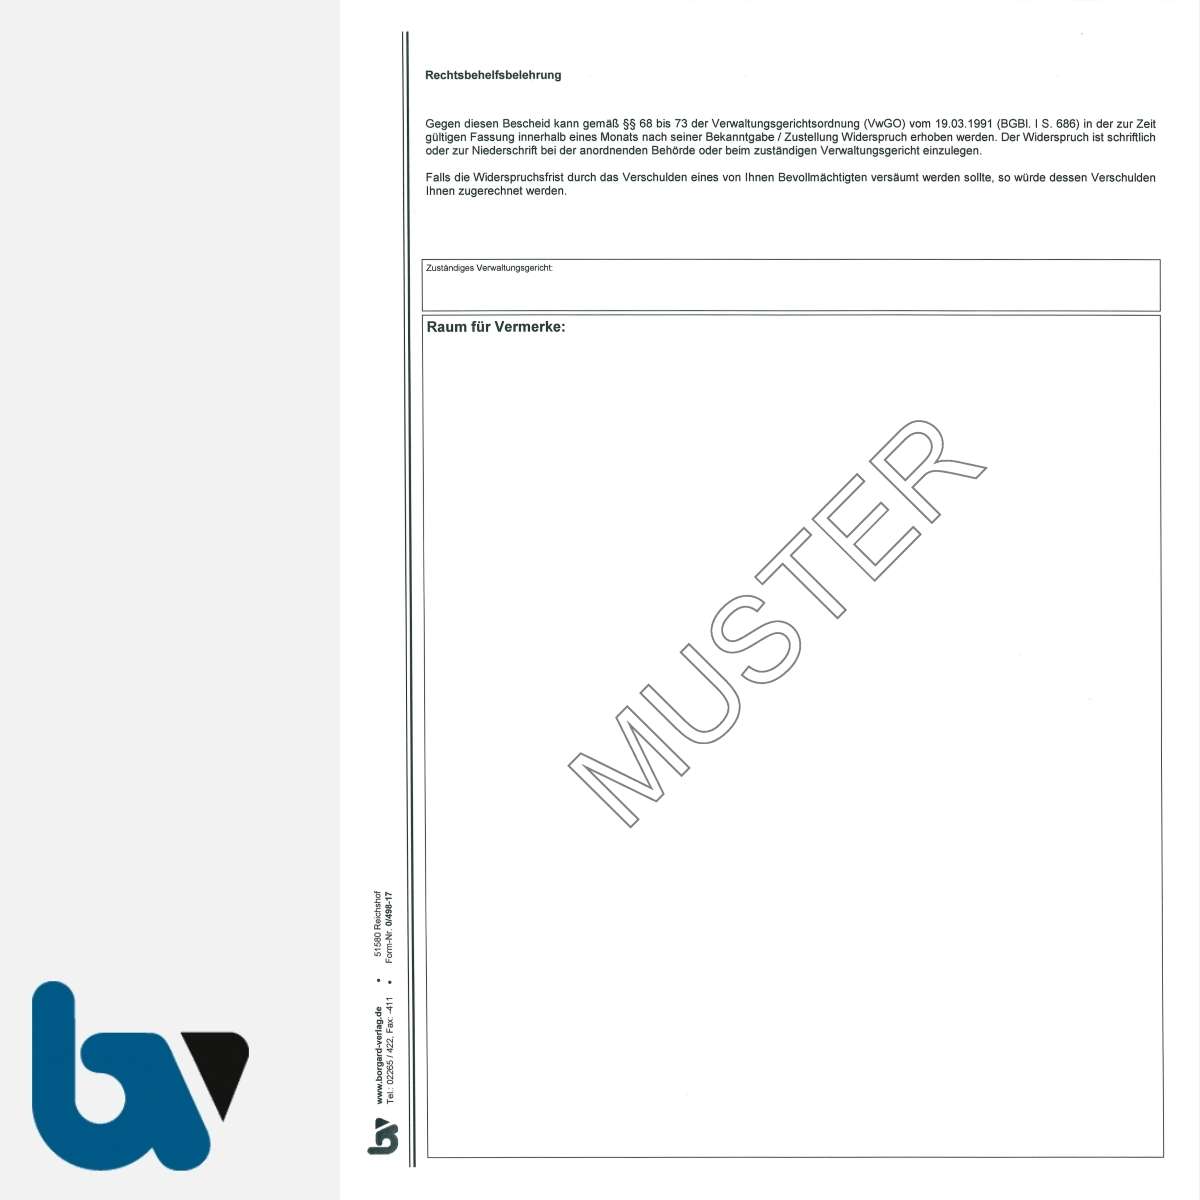 0/498-17 Ausnahmegenehmigung 45 46 Straßenverkehrsordnung StVO Befahren öffentliche Straßen Beschränkung Verbot selbstdurchschreibend DIN A4 2-fach RS | Borgard Verlag GmbH